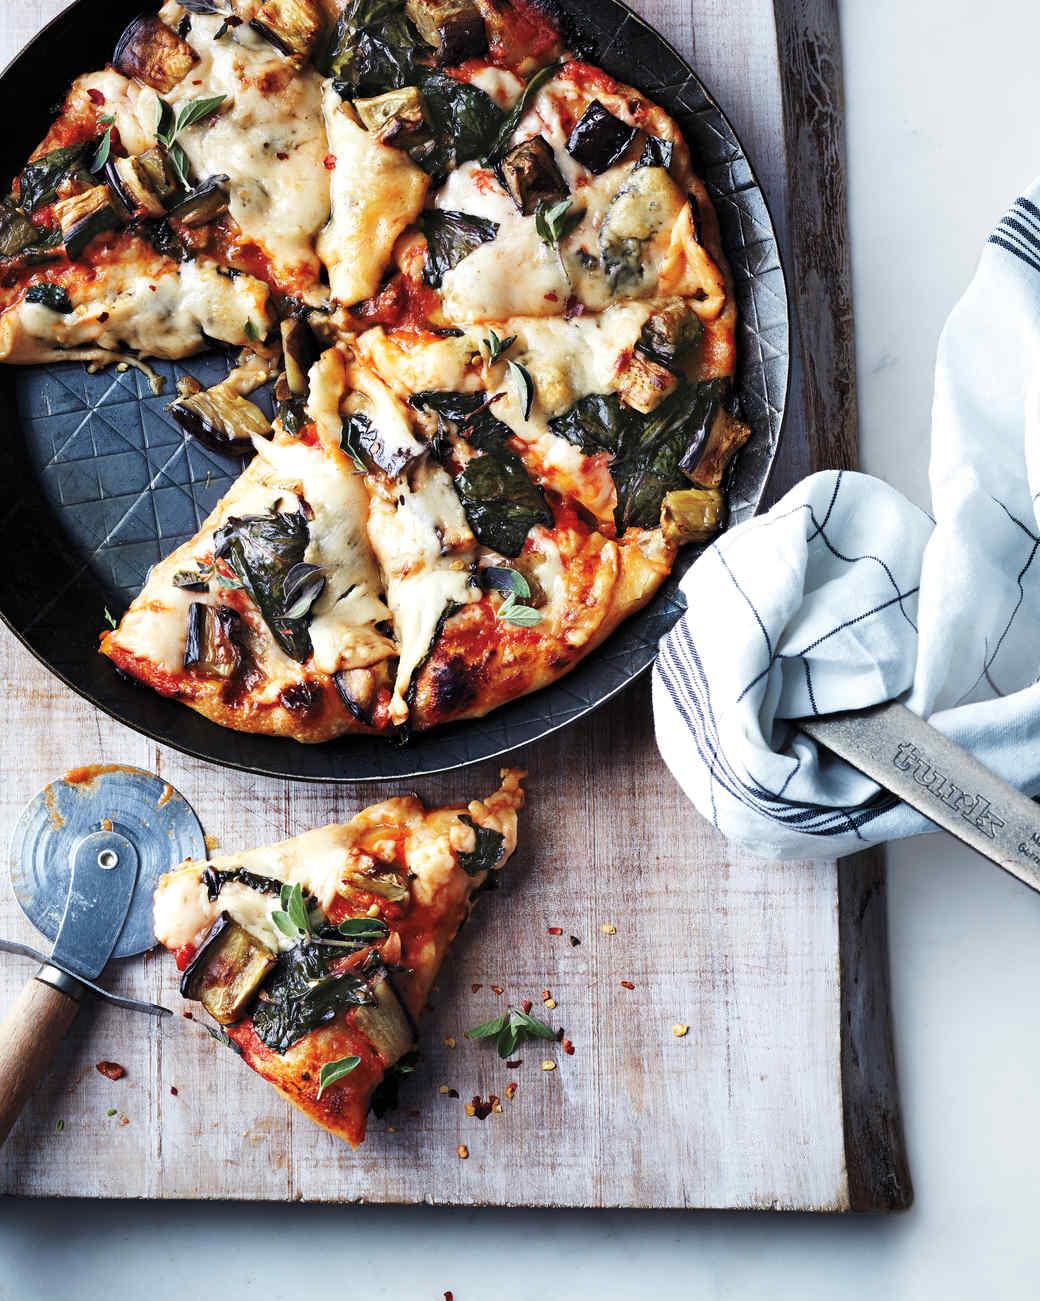 Pizza de aspecto magnífico; pelo que percebi, preparada com algodão para lhe dar aquele aspecto fofo.